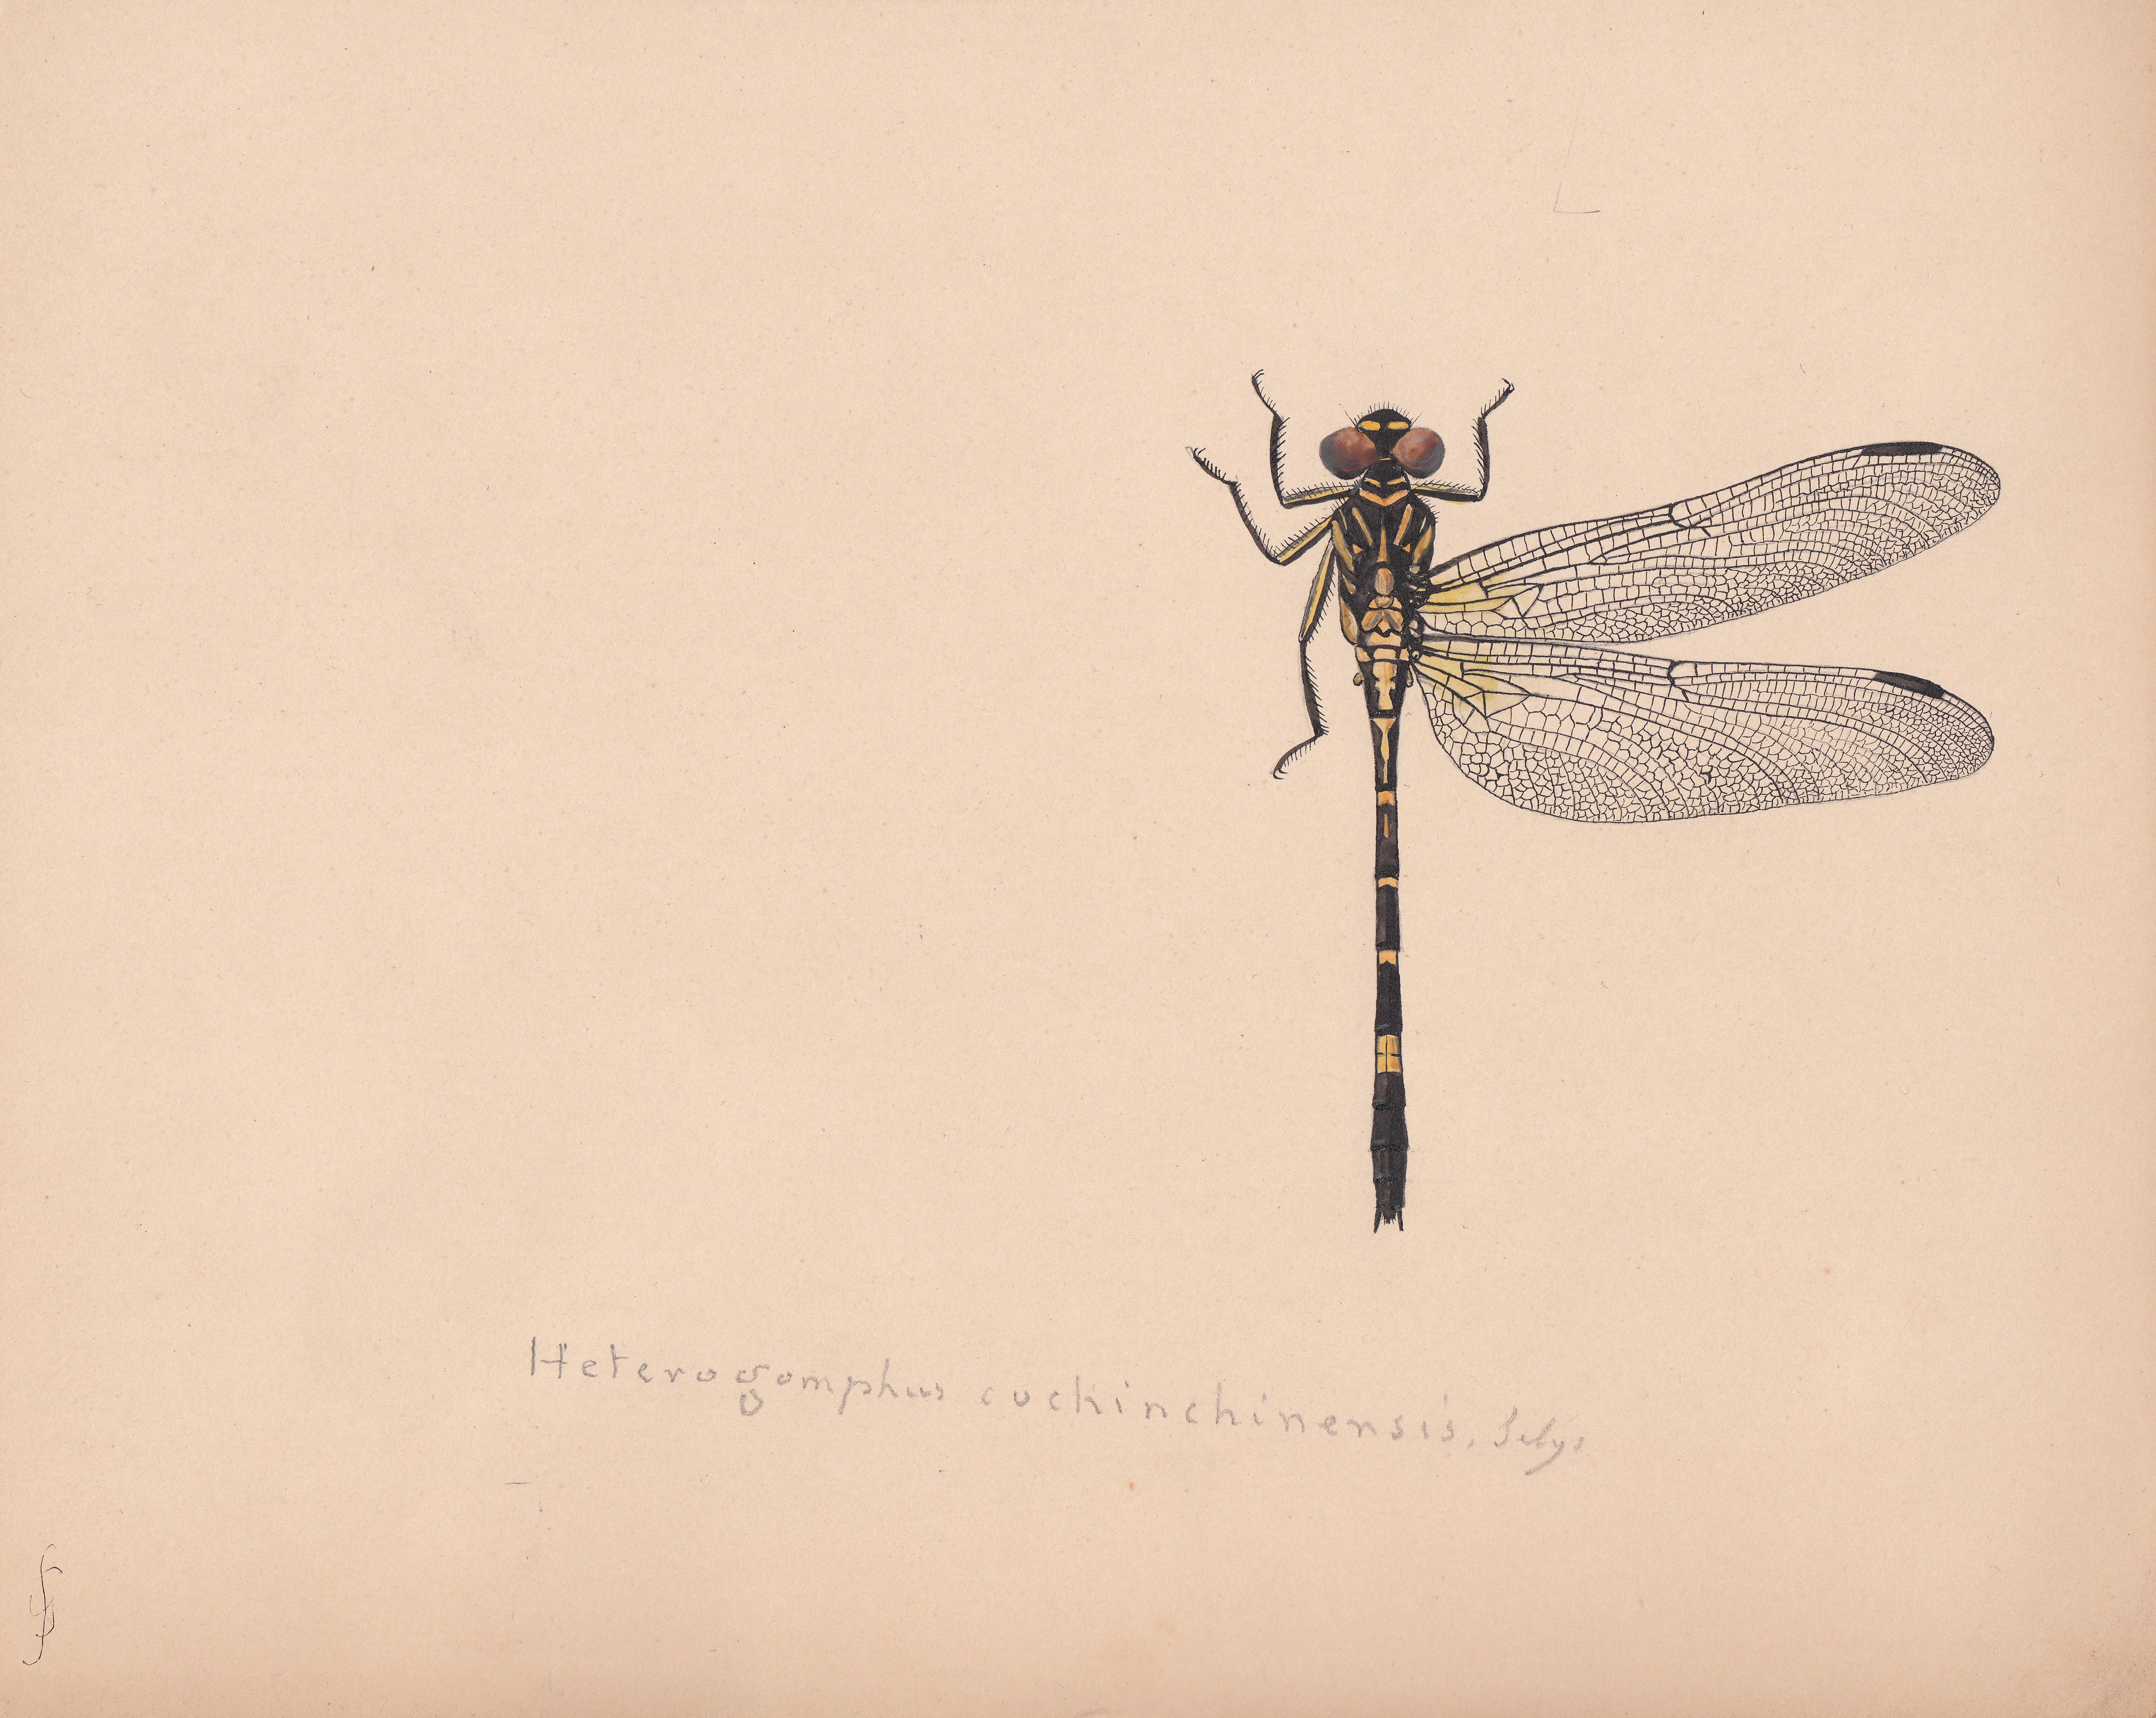 Heterogomphus cochinchinensis.jpg